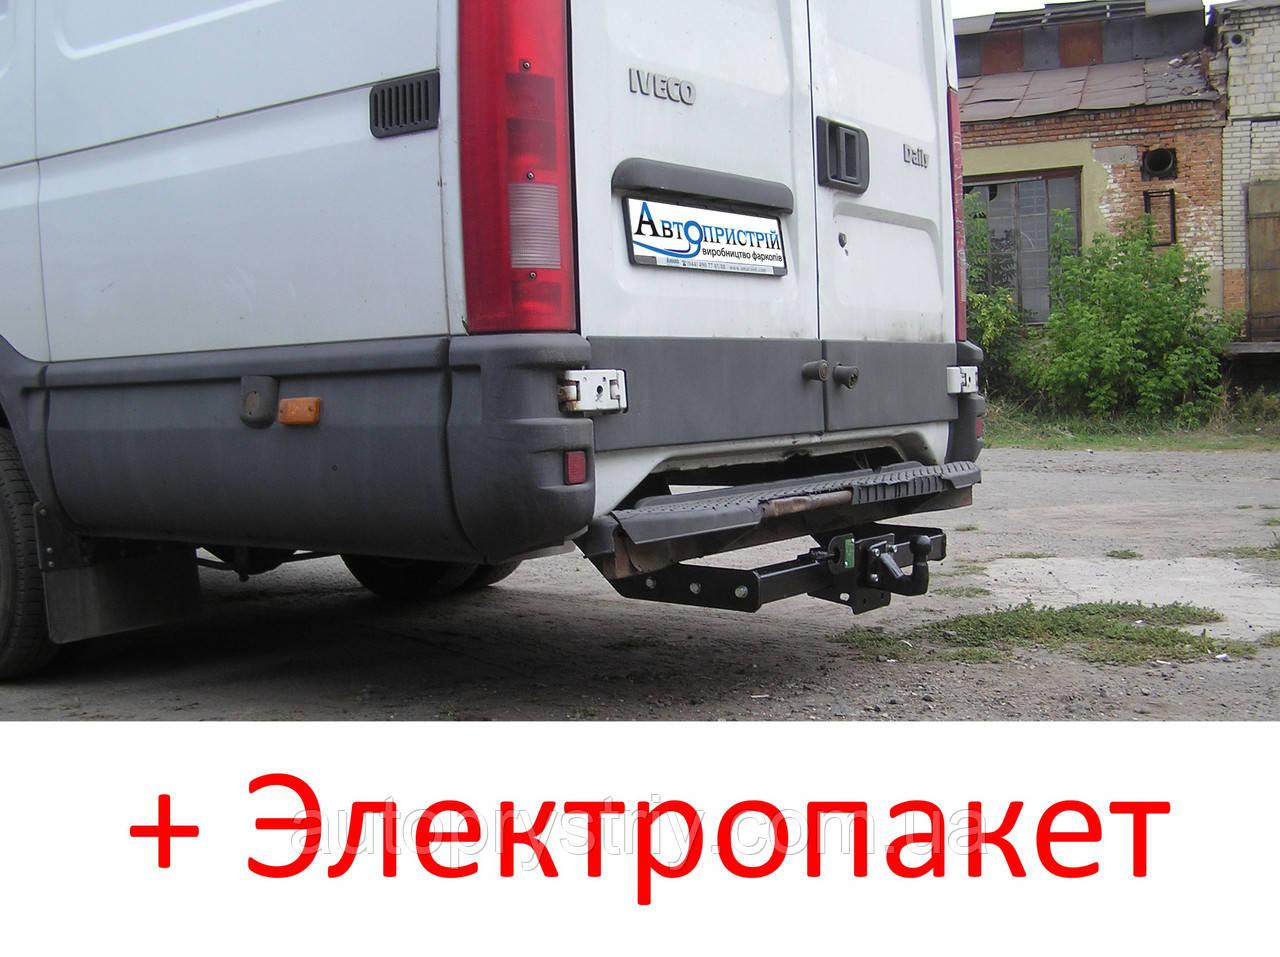 Фаркоп - Iveco Daily Микроавтобус (2006-2014)  съемный на 4 болта на пластине кованый